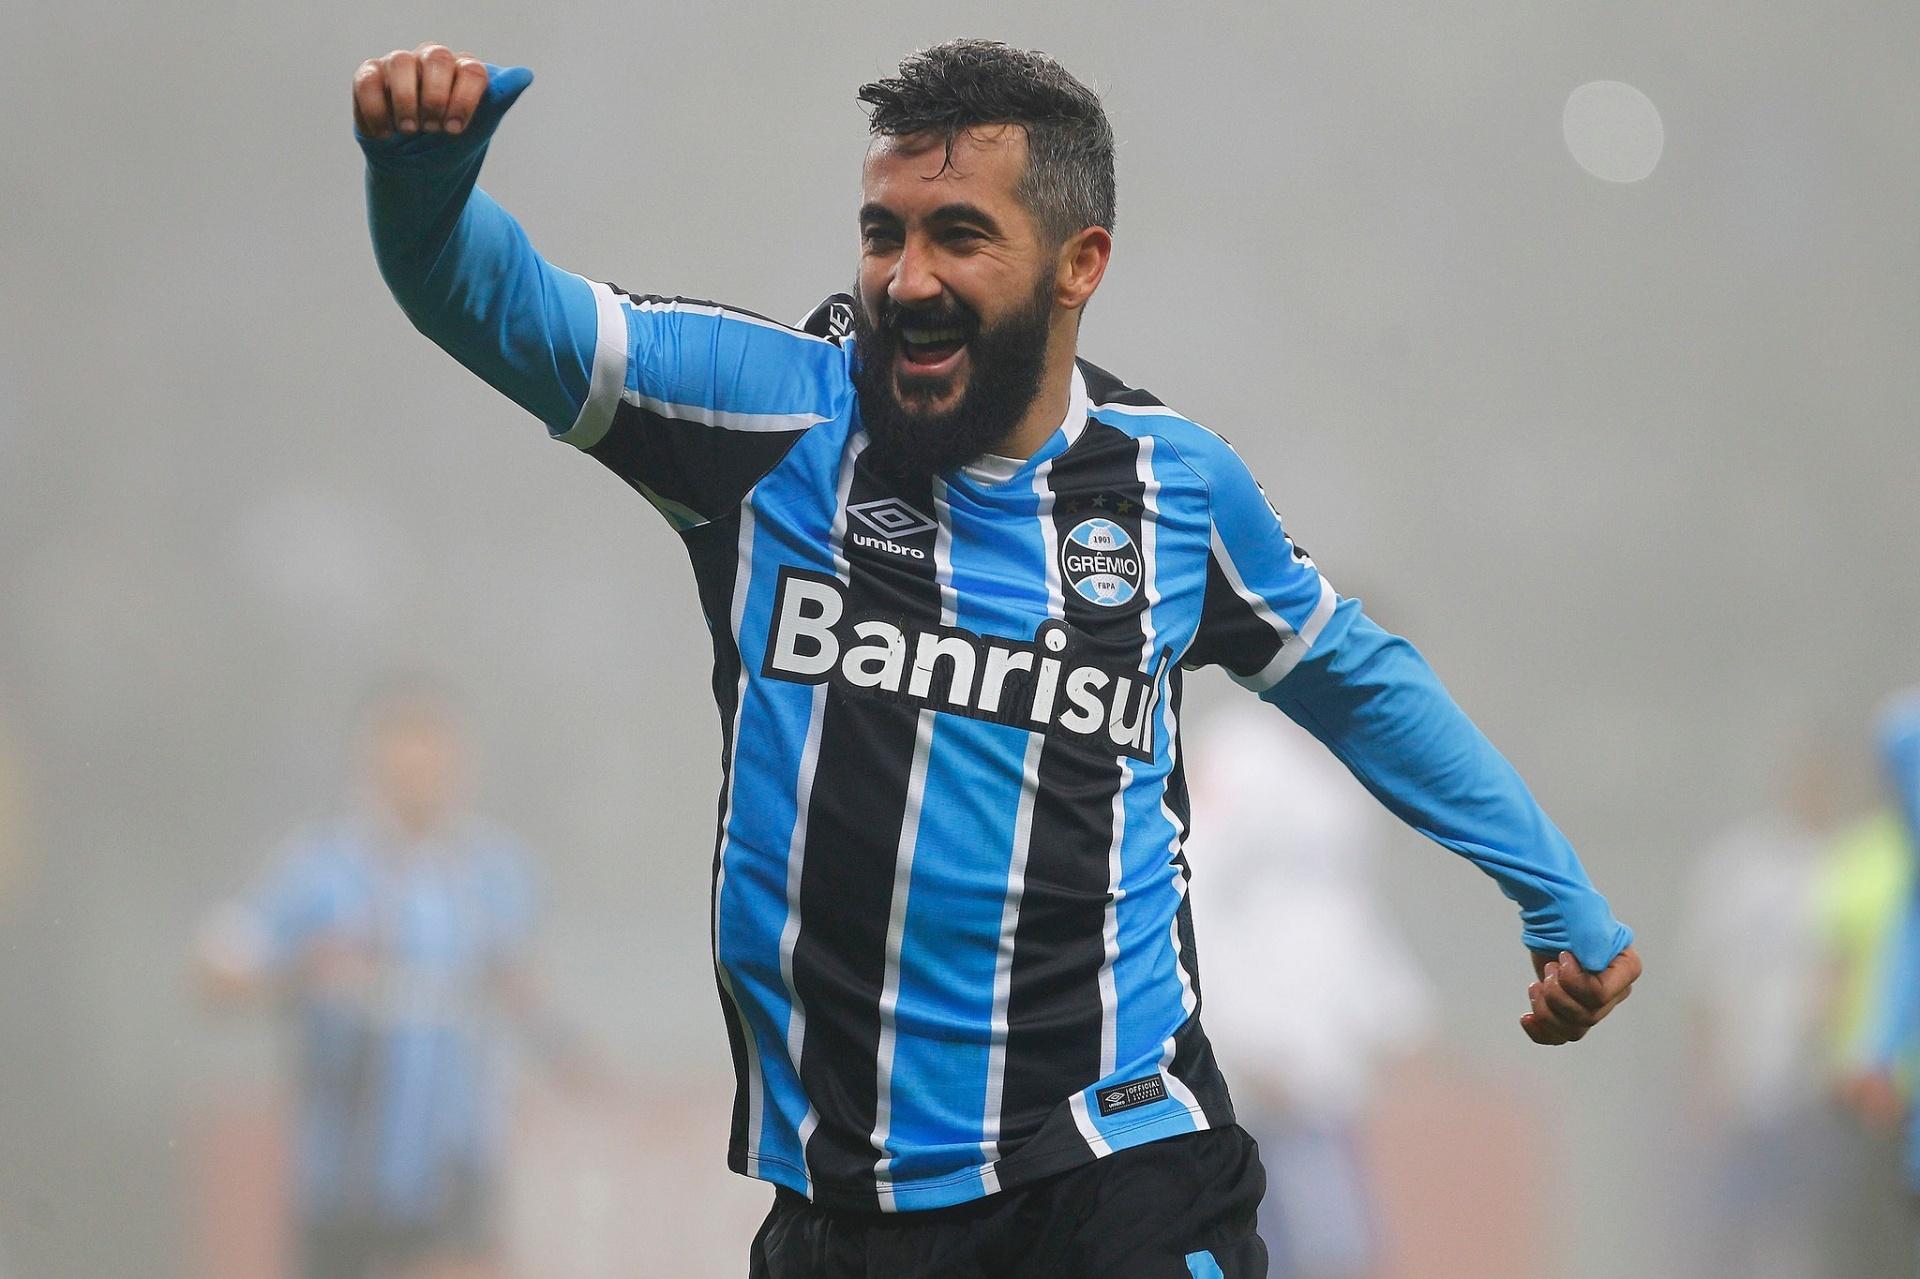 216650cee3cac Douglas está perto de renovar com o Grêmio. Saiba o que falta - 31 08 2016  - UOL Esporte